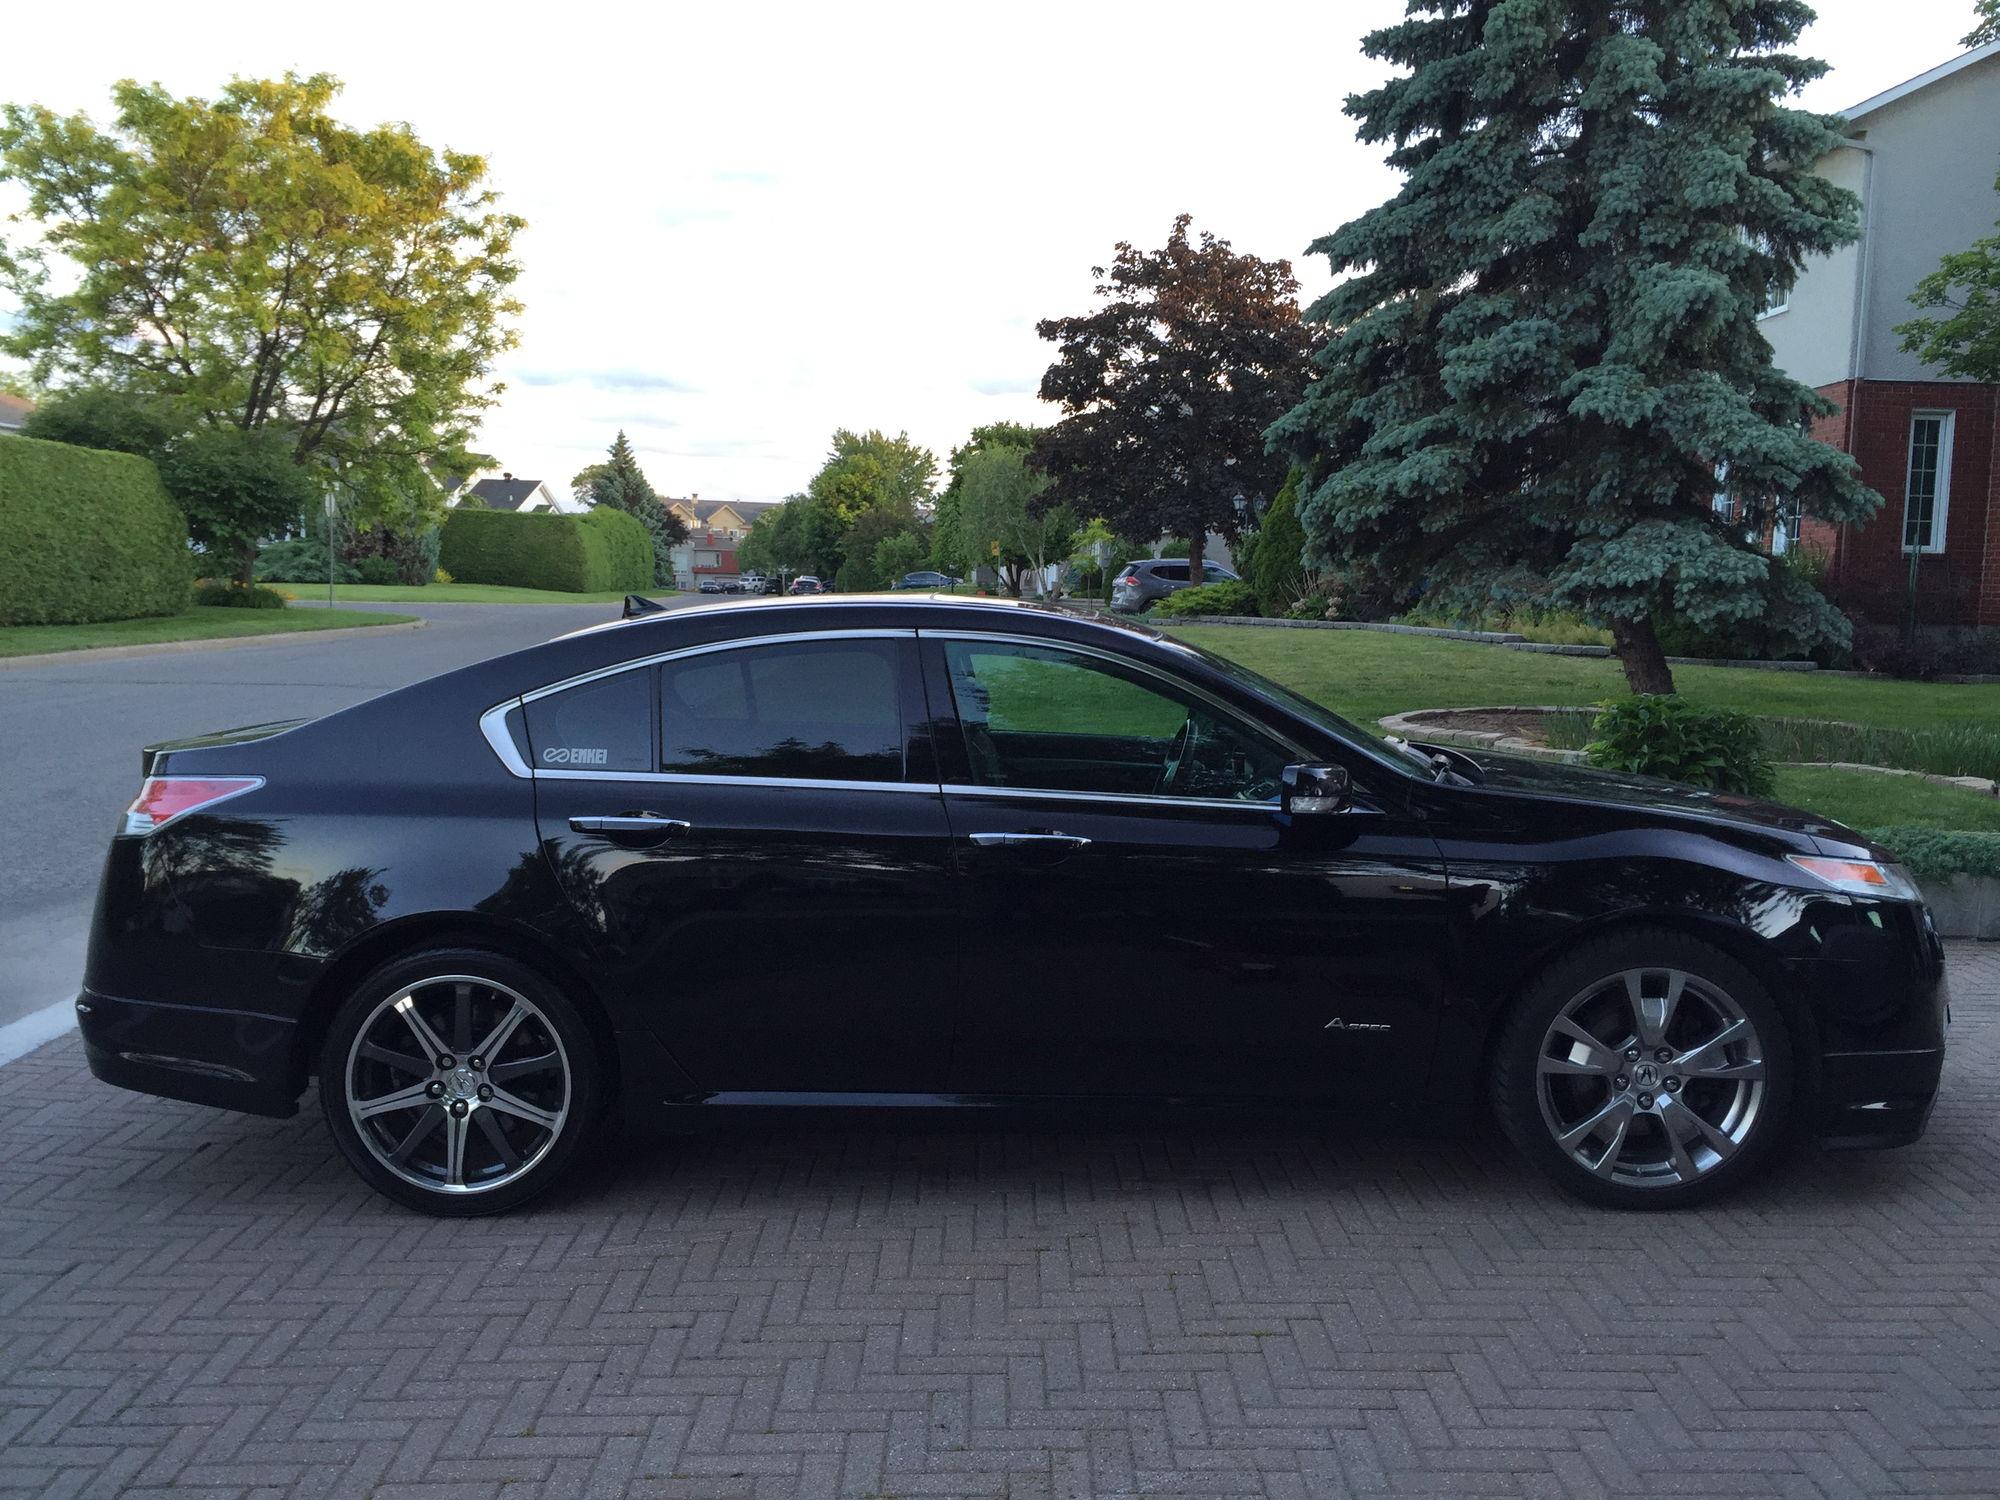 Acura Oem Auto Bildideen - Acura tl 19 oem wheels